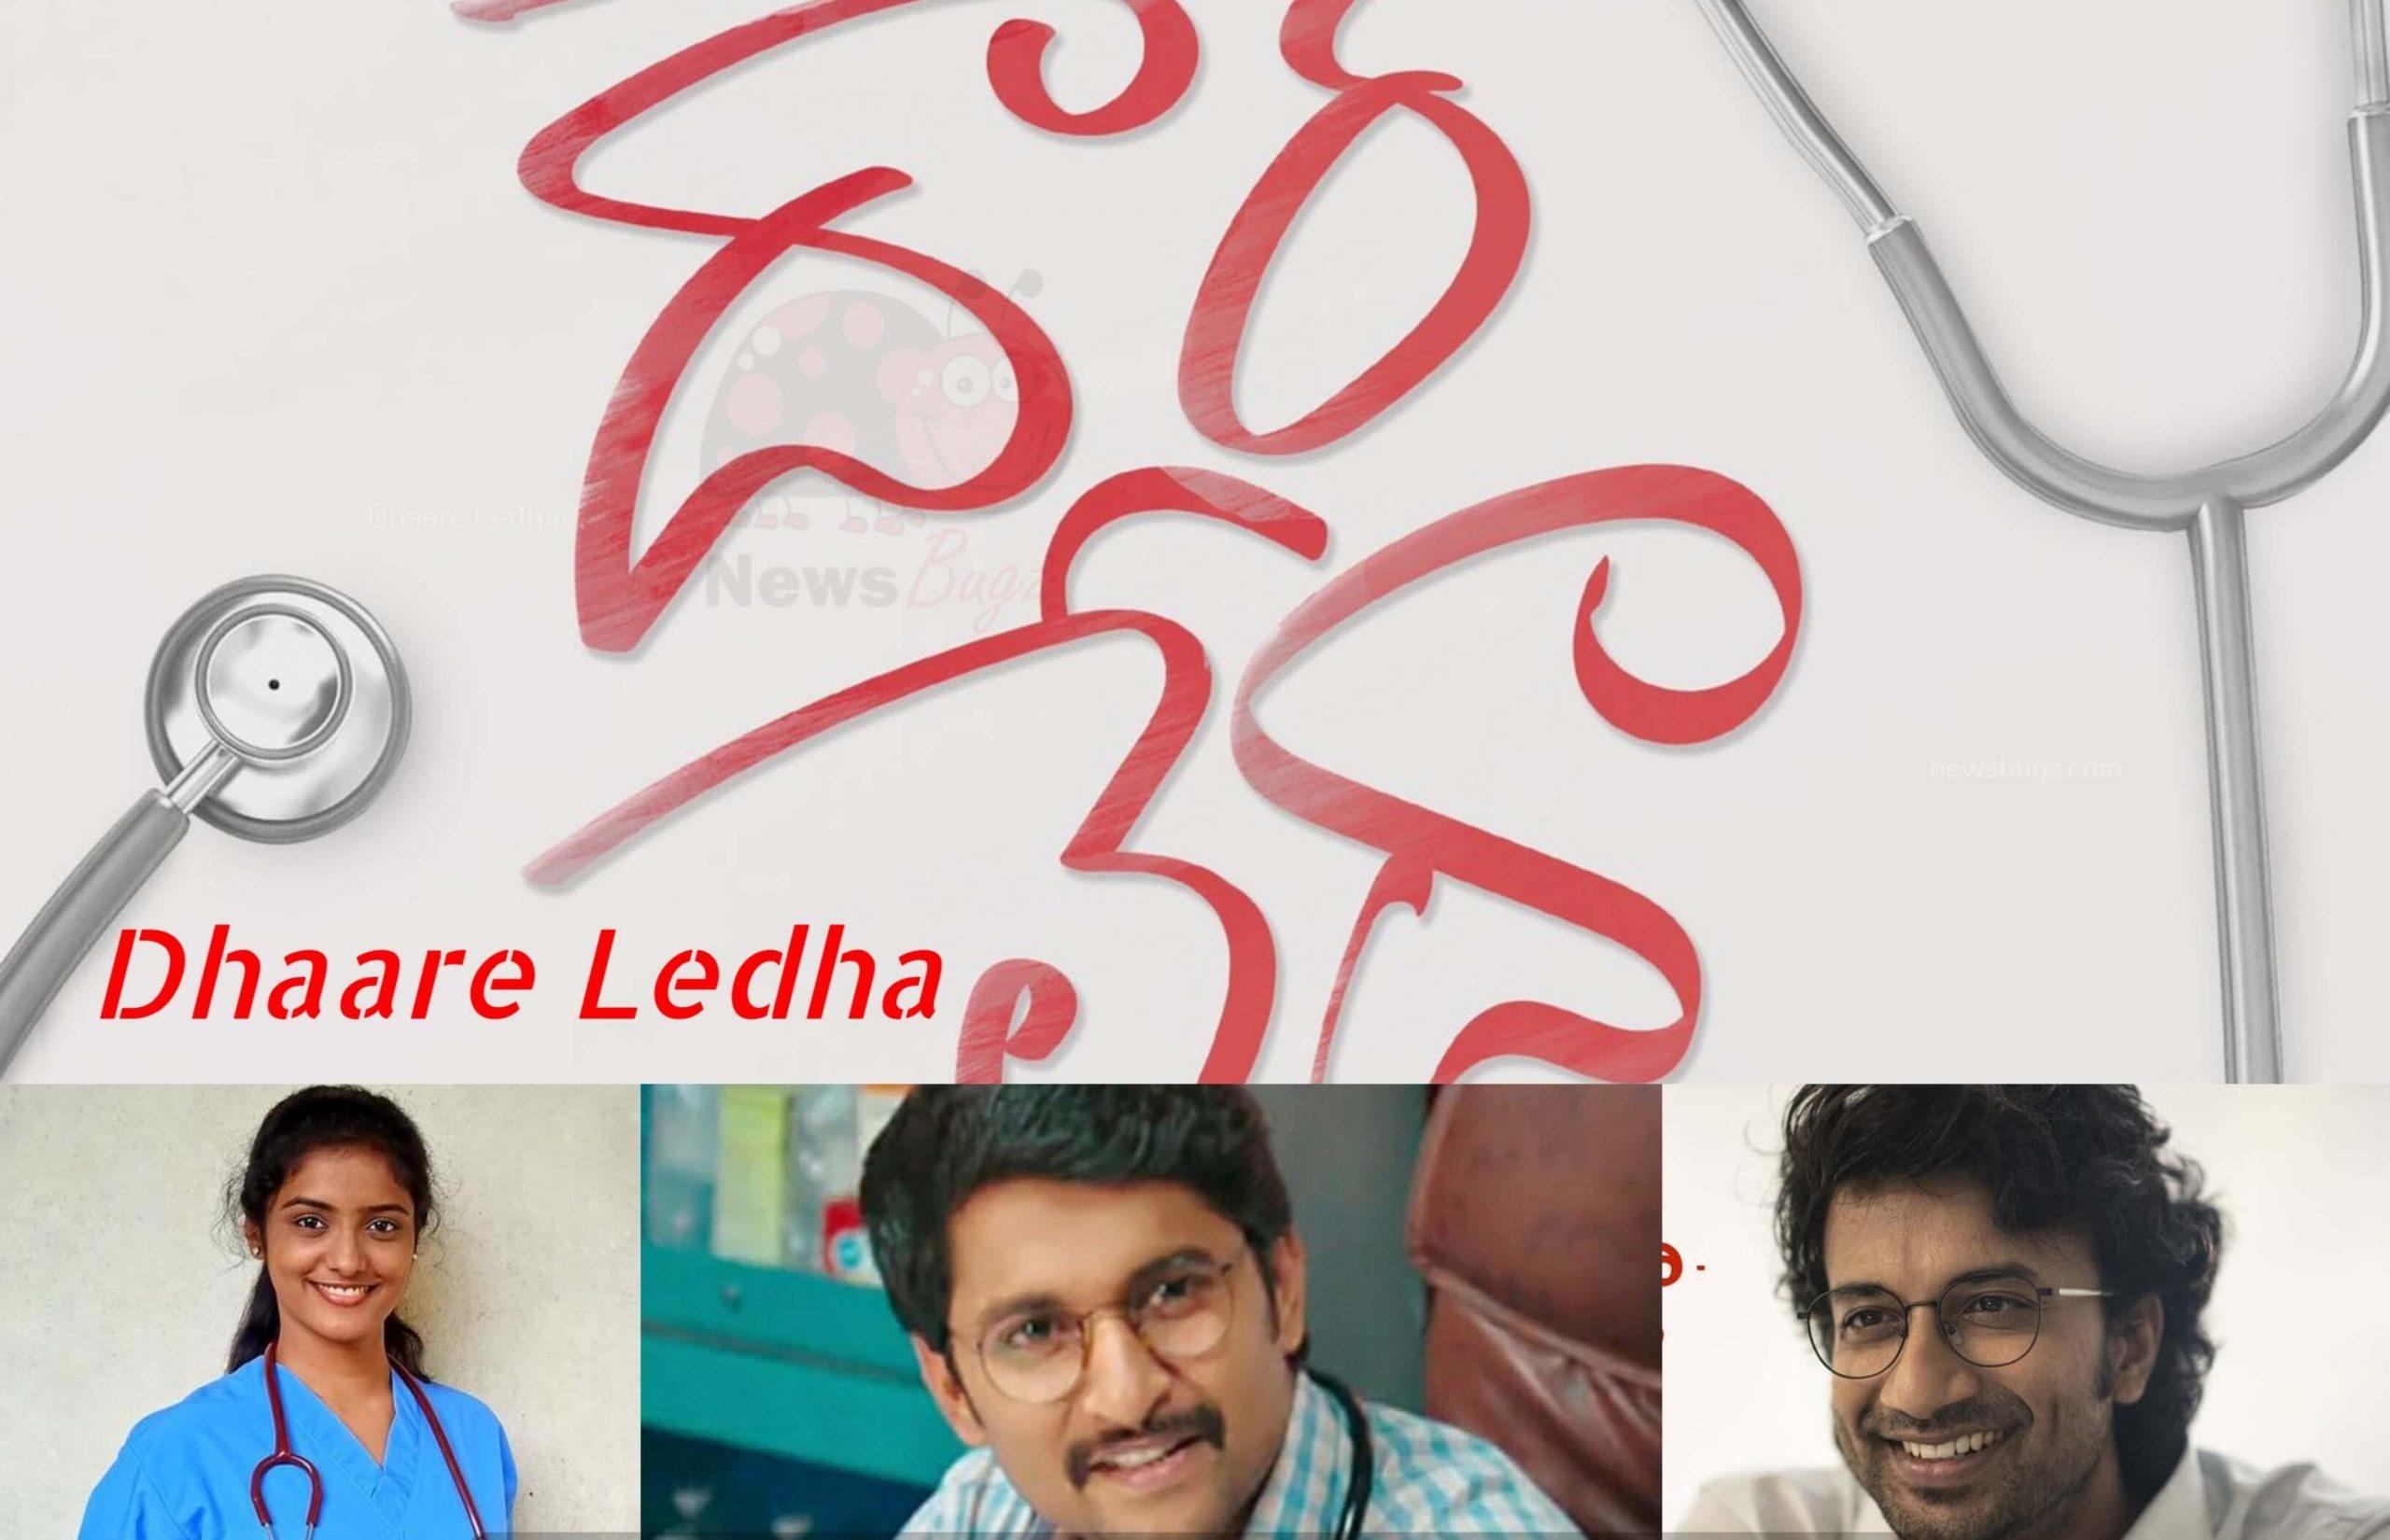 Dhaare Ledha